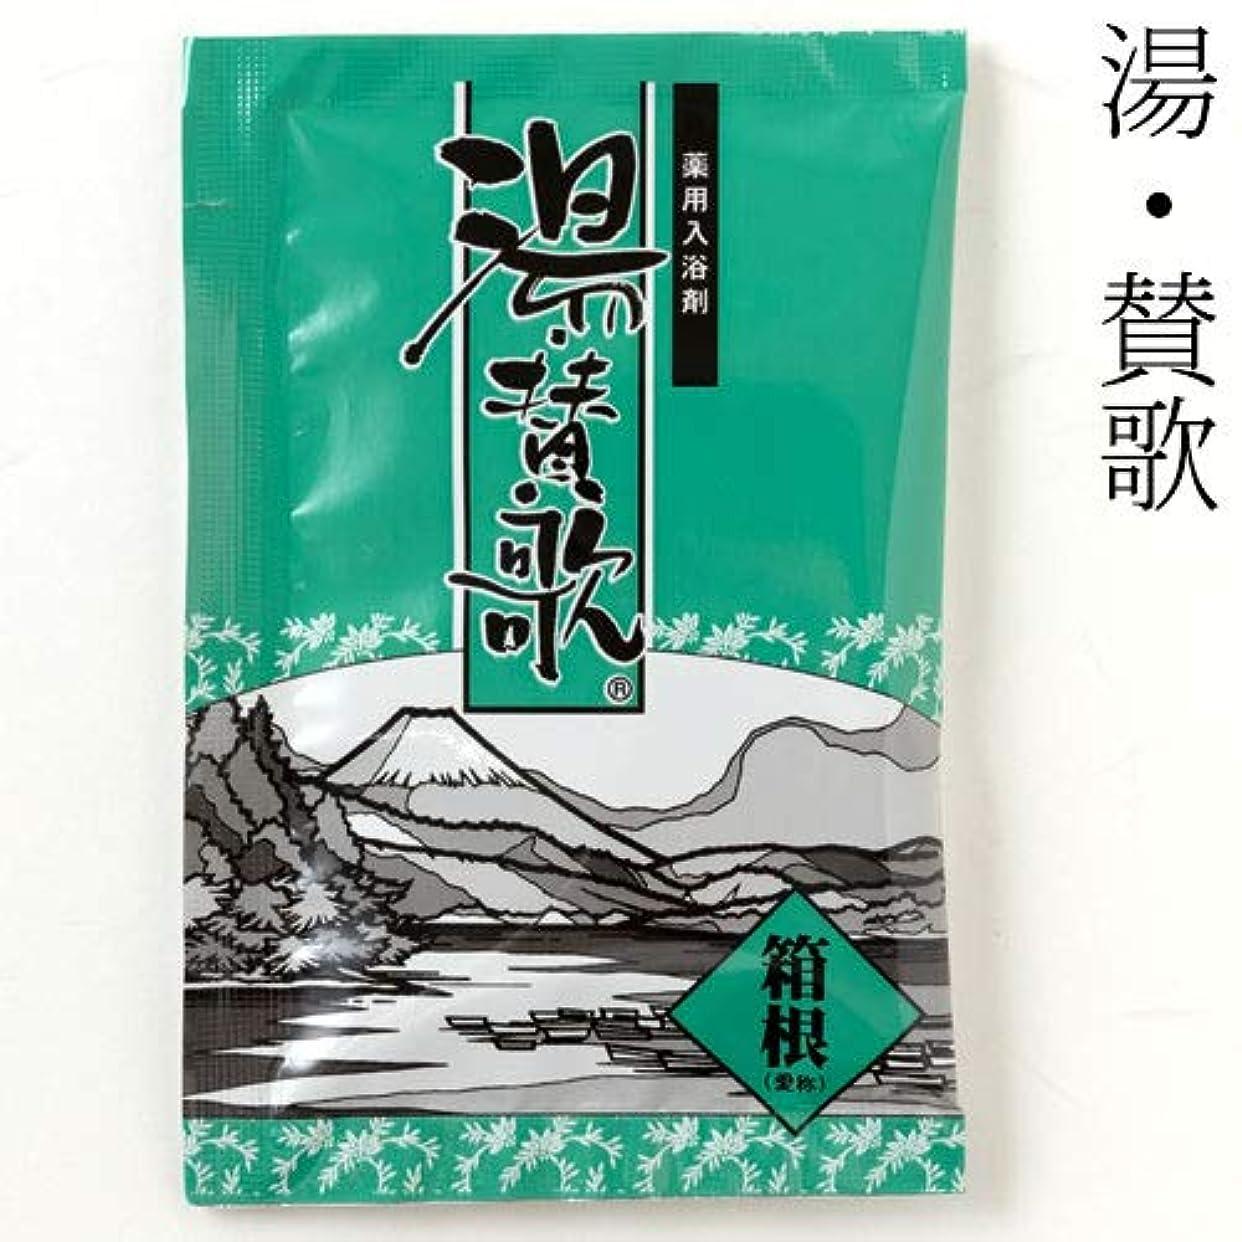 周りさておきルート入浴剤湯?賛歌箱根1包石川県のお風呂グッズBath additive, Ishikawa craft